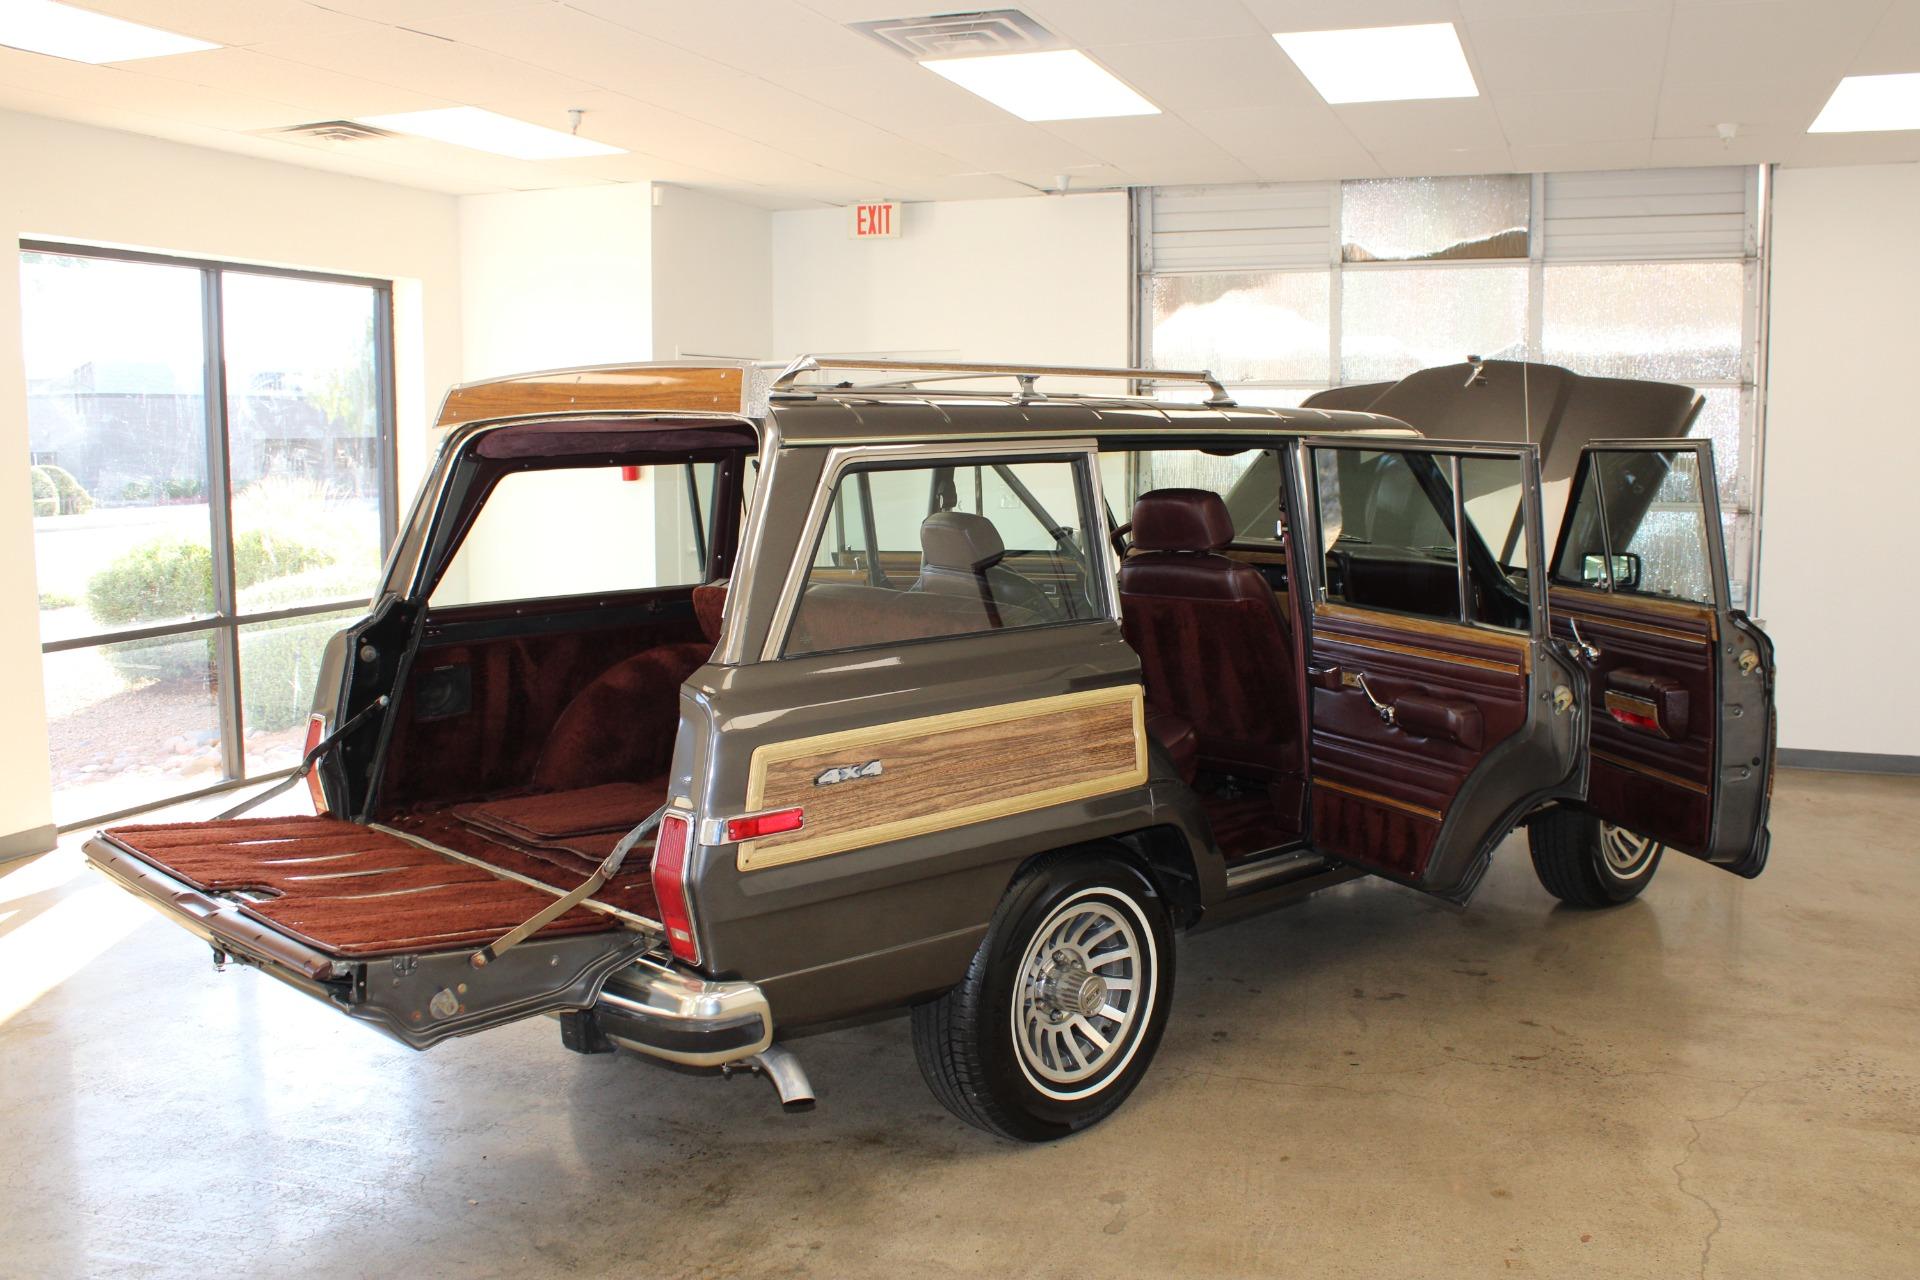 Used-1989-Jeep-Grand-Wagoneer-Jaguar